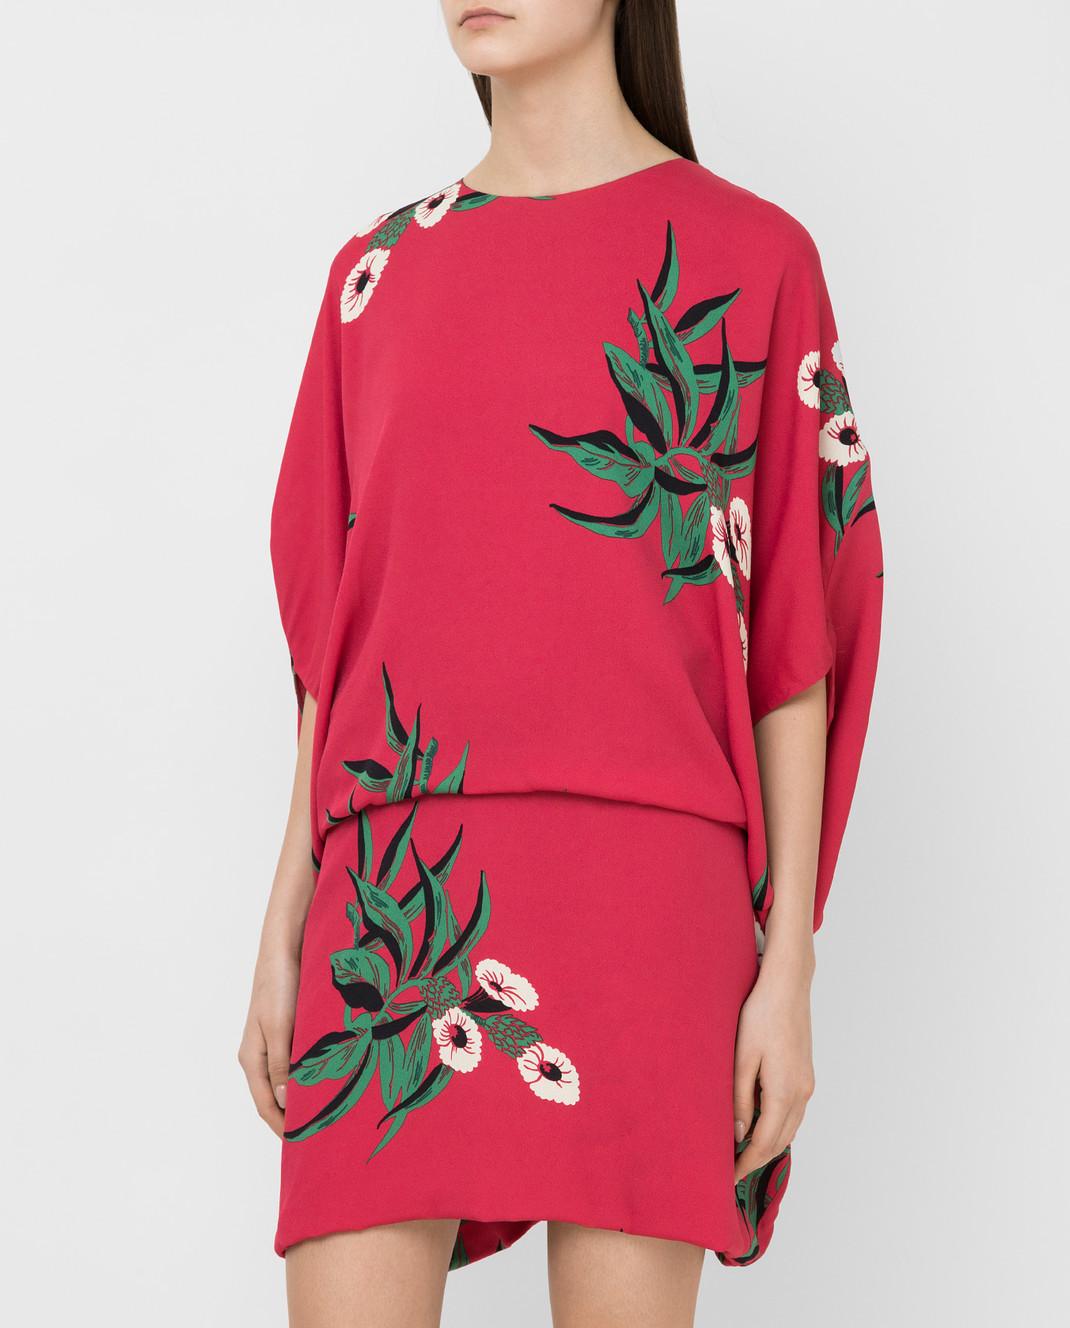 Marni Малиновое платье ABMAR17U00TV392 изображение 3